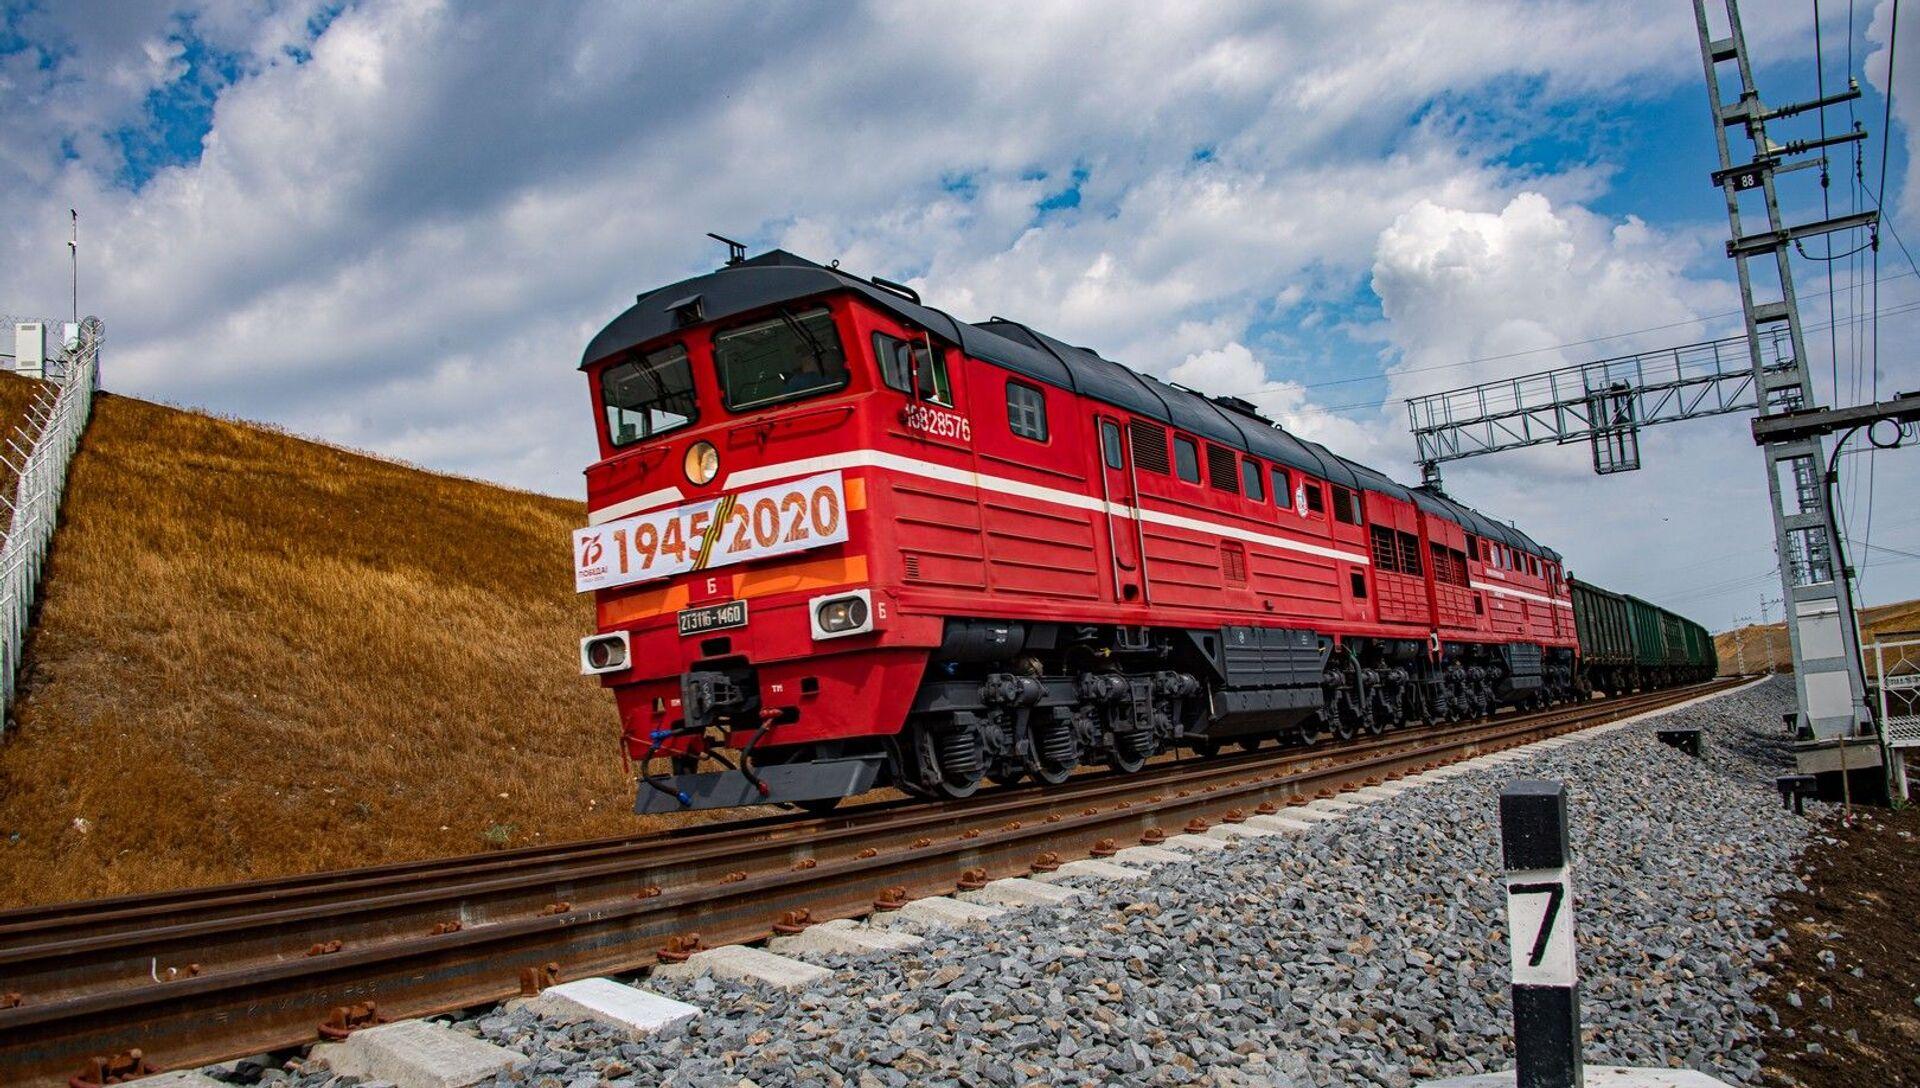 Первый грузовой состав движется в сторону Крымского моста  - РИА Новости, 1920, 06.09.2020